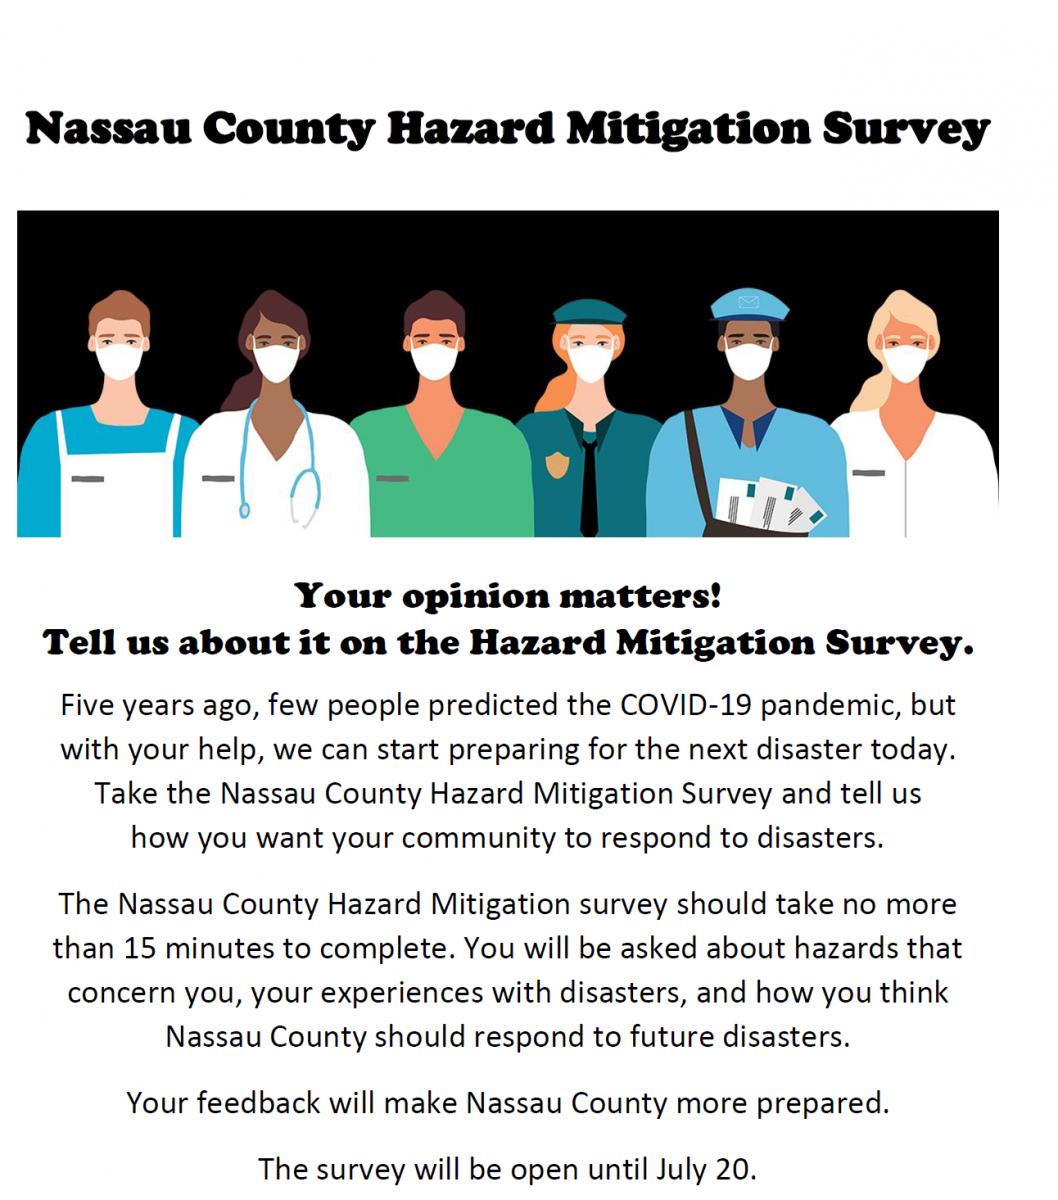 Nassau County Hazard Mitigation Survey